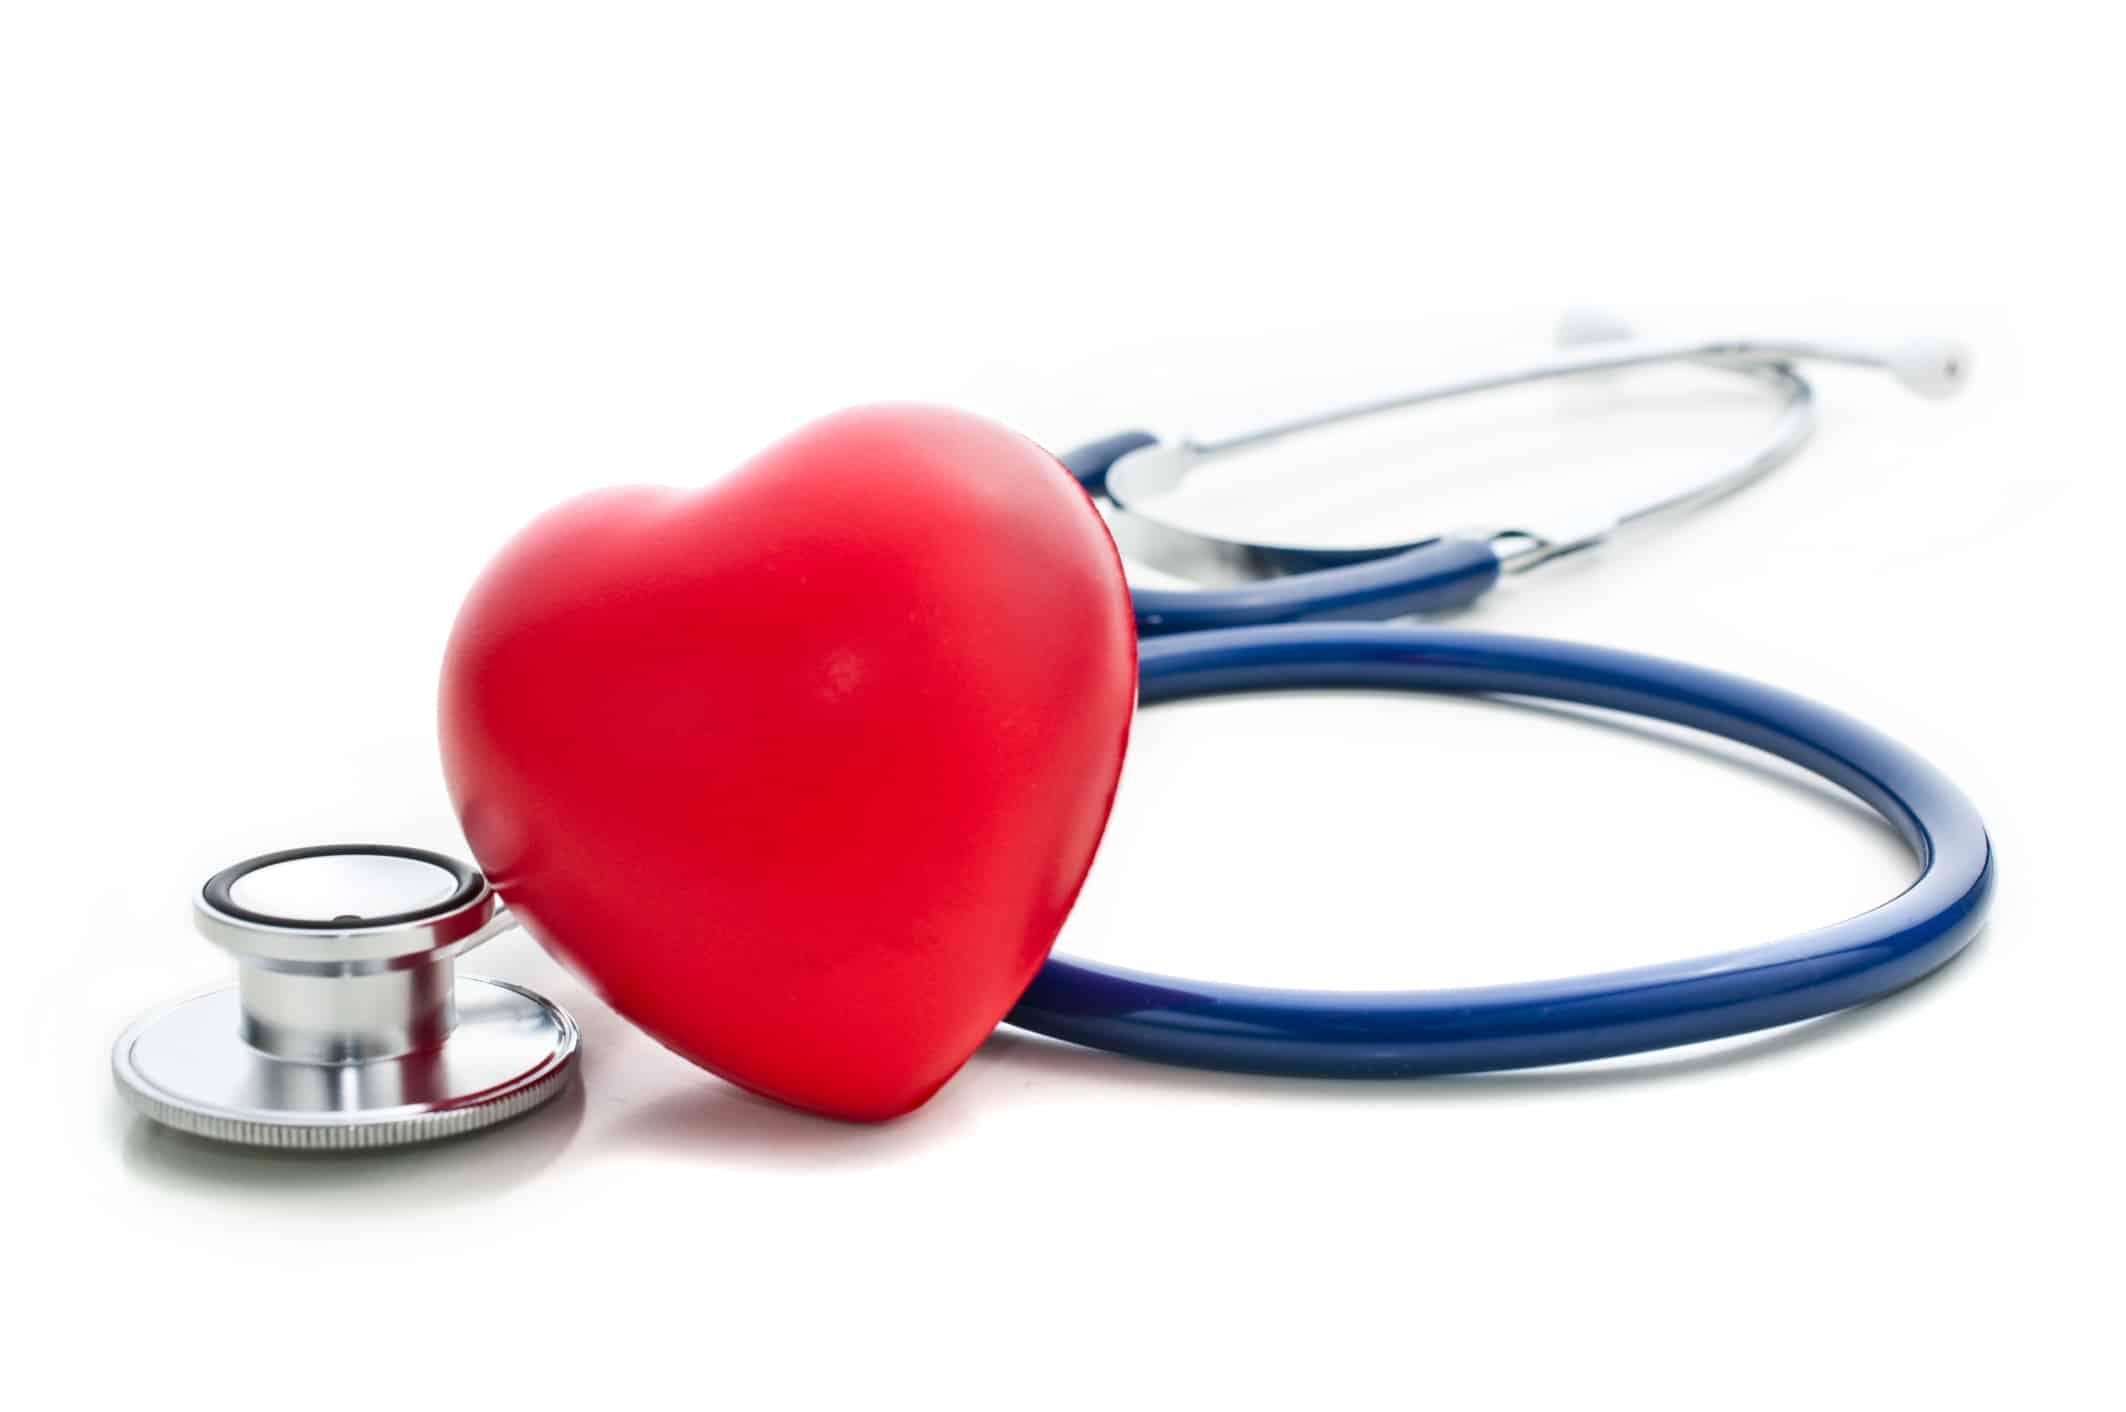 Diduga Karena Serangan Jantung, Dokter Justru Curiga Rokok Penyebab Bocah Ini Meninggal